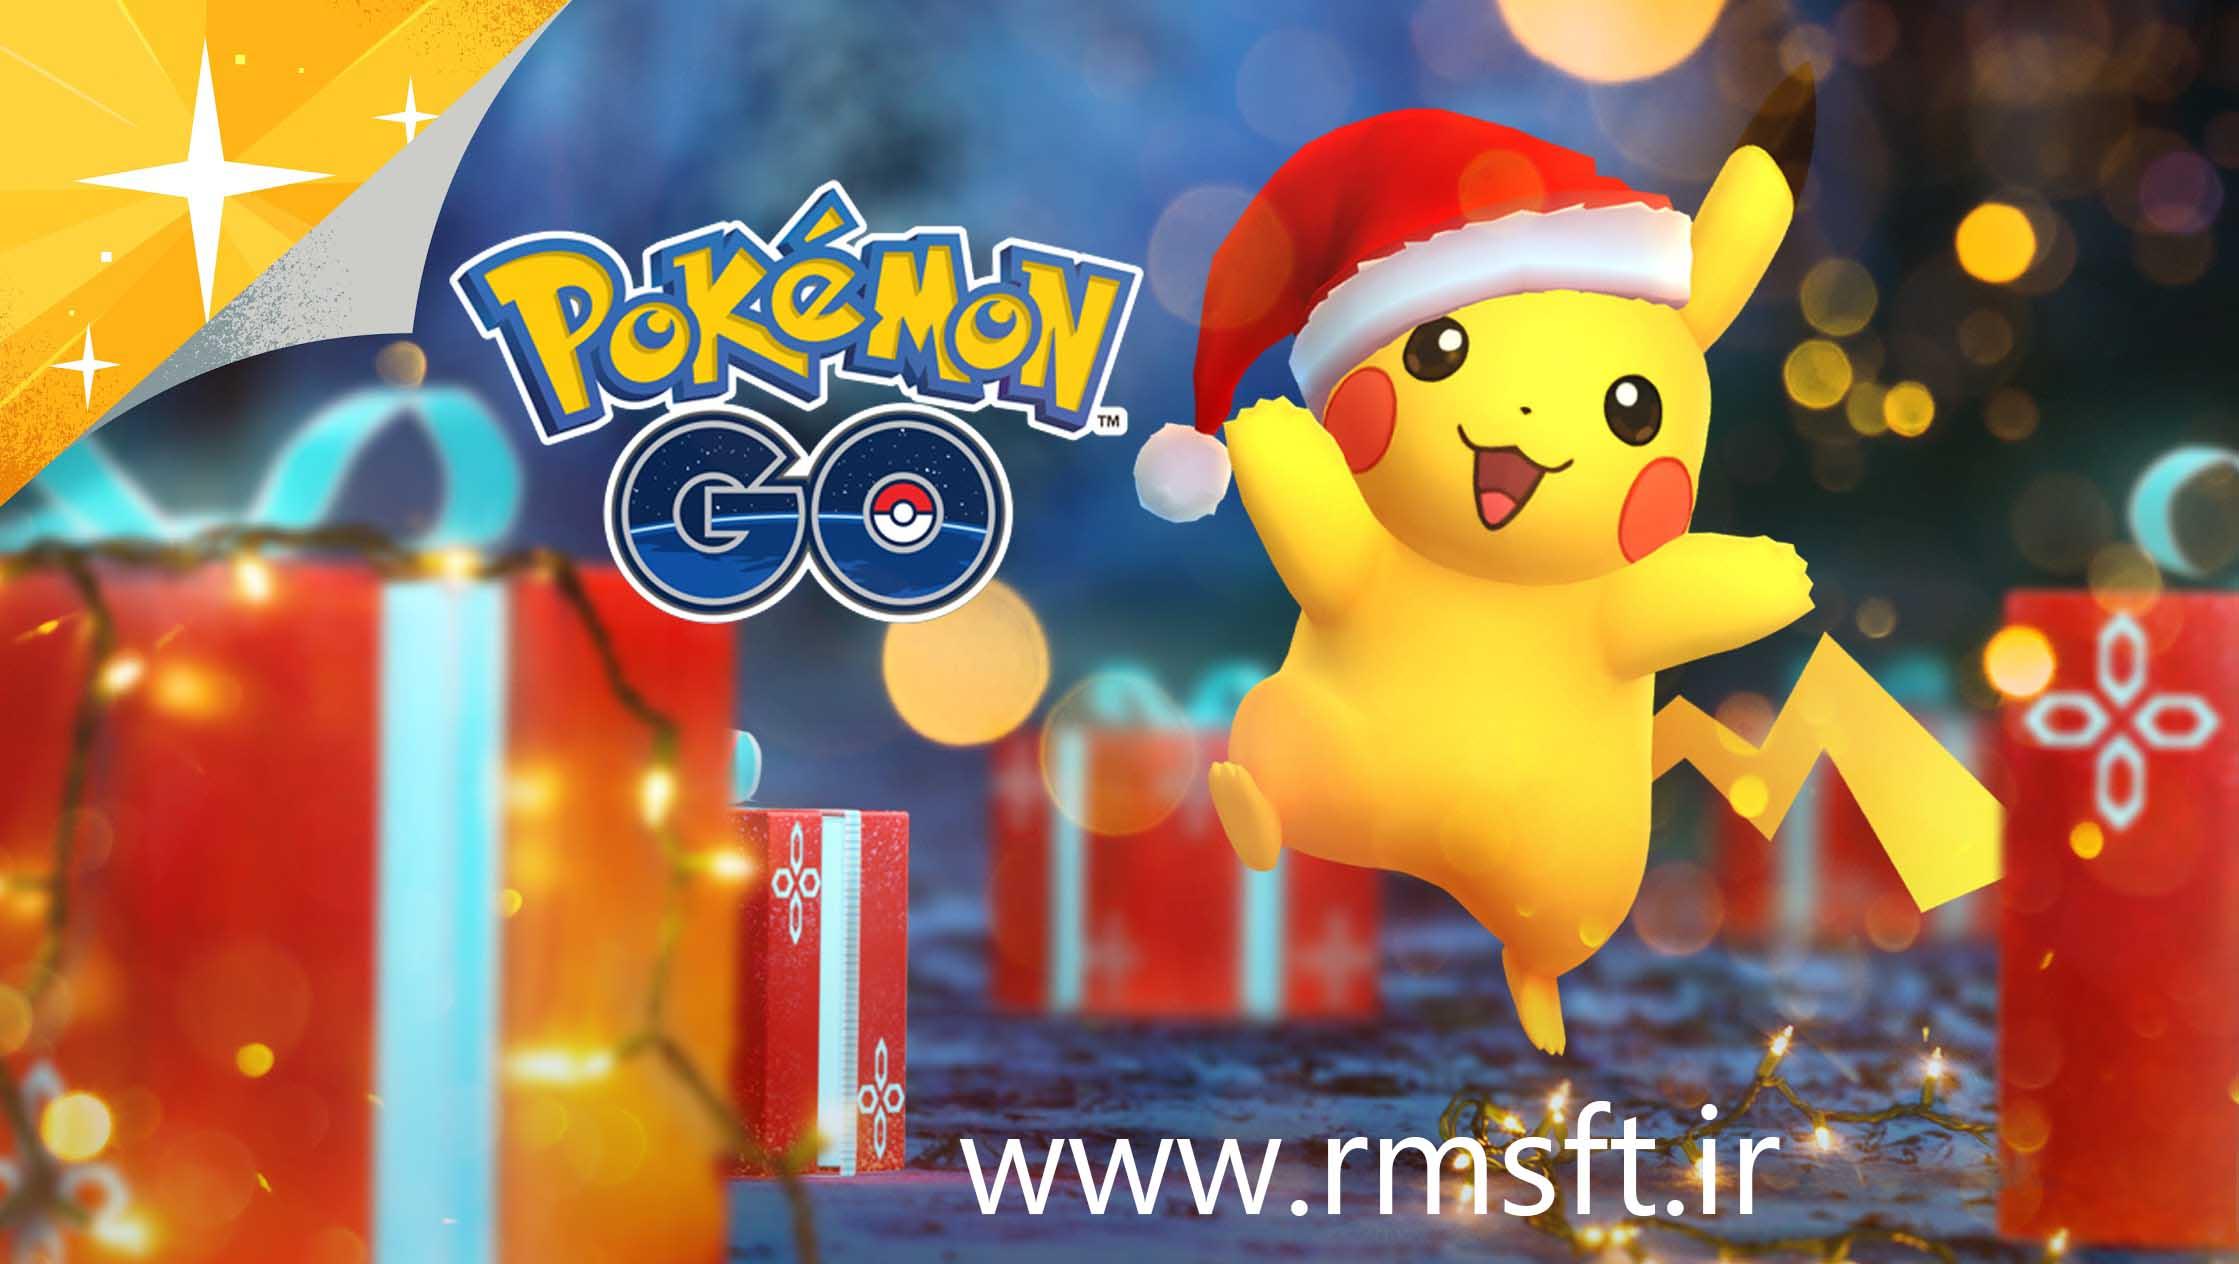 دانلود رایگان بازی Pokémon GO v0.87.5 - بازی جذاب پوکمون گو برای اندروید و آی او اس